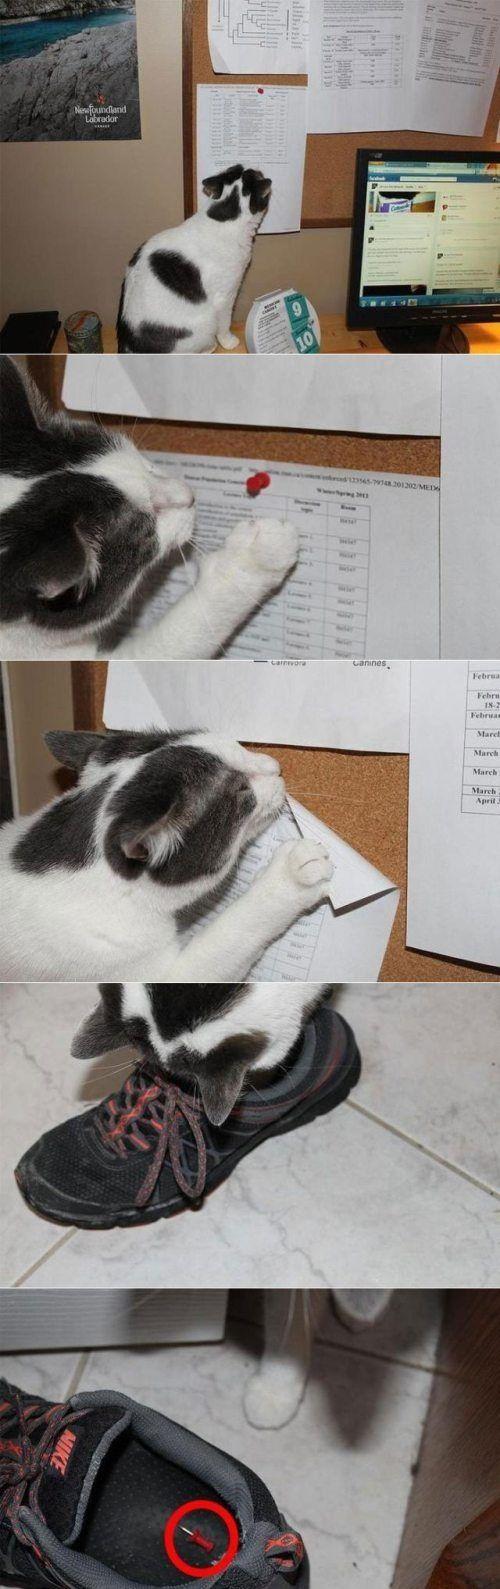 Los gatos son mascotas excepcionales y tan inteligentes que a veces nos hacen pensar que están planeando algo en contra nuestra. Jajaja Aunque definitivamente estos gatos algo planean. Lugar preferente para espiar todos tus movimientos. Una señal bastante clara. Sabe que el piso del baño se puede poner muy resbaloso. Una sonrisa así no es […]